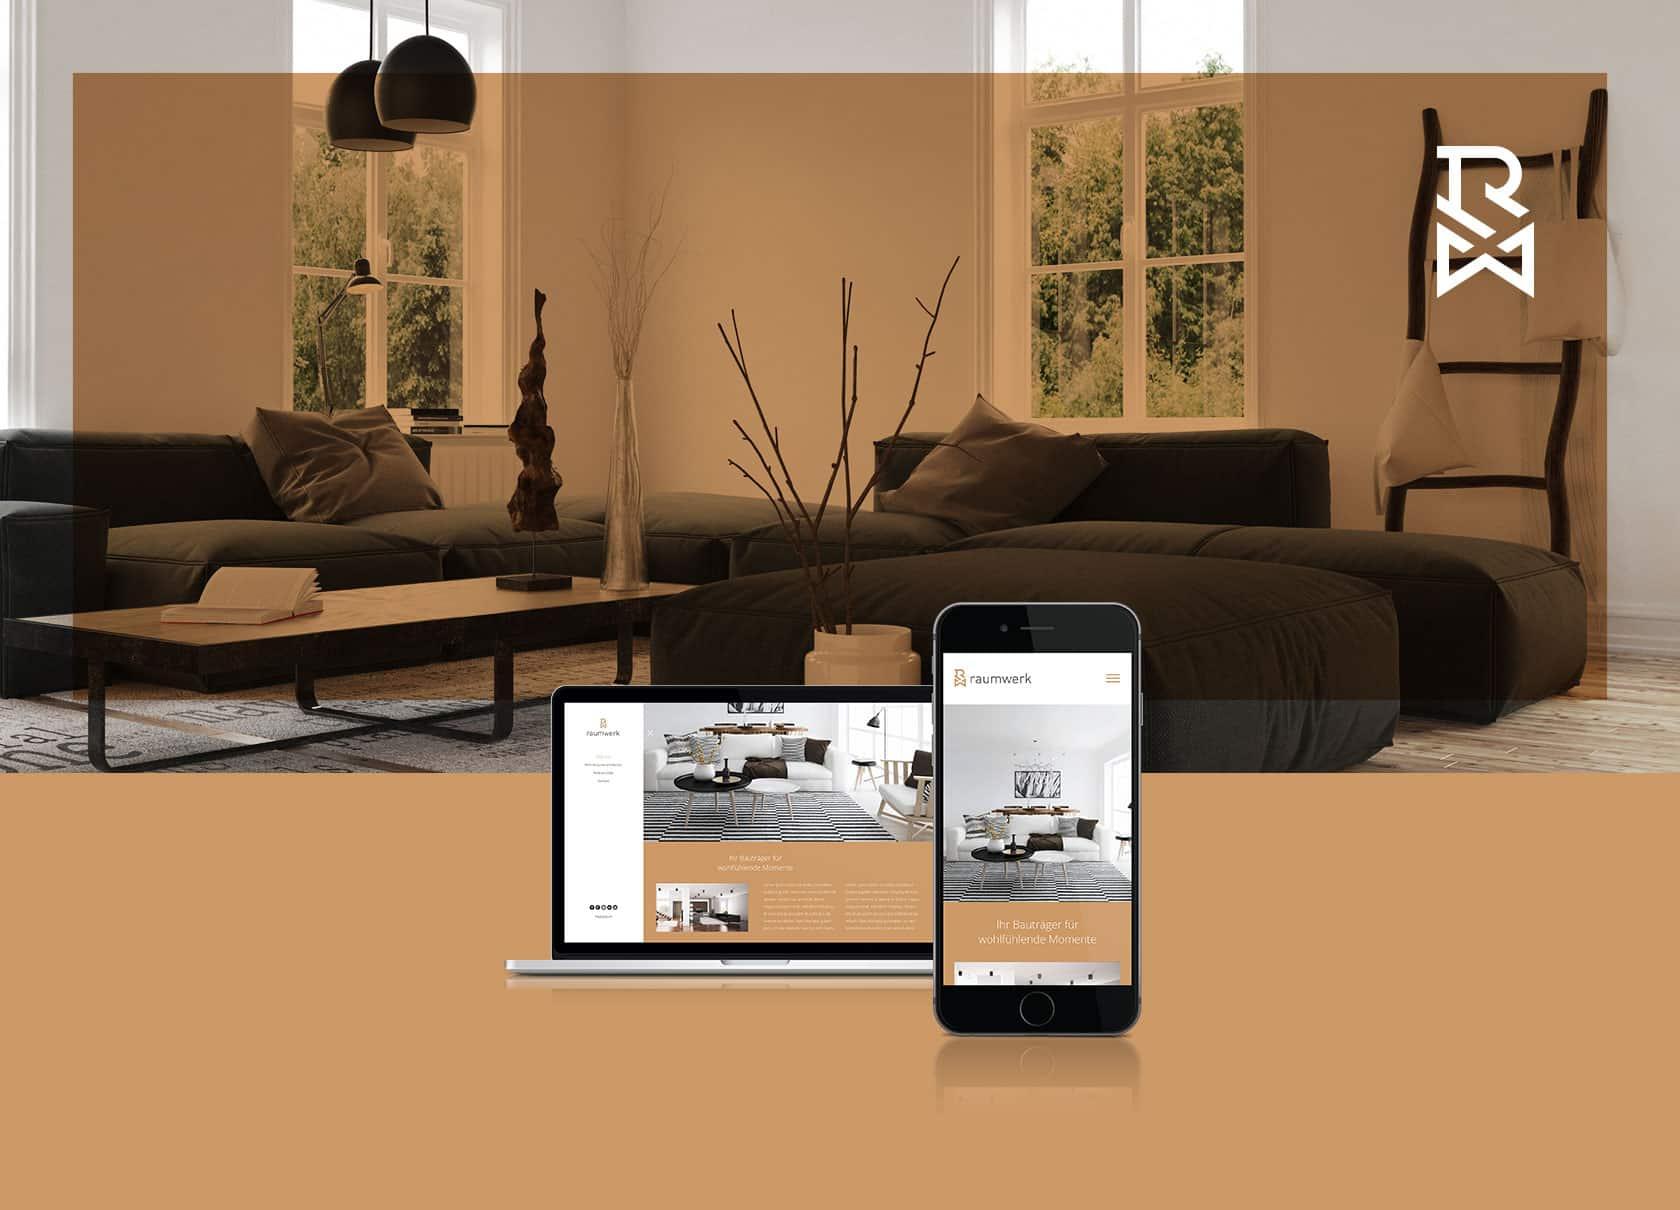 EAZEE Webdesign Muenchen Raumwerk Responsive Design Ansicht